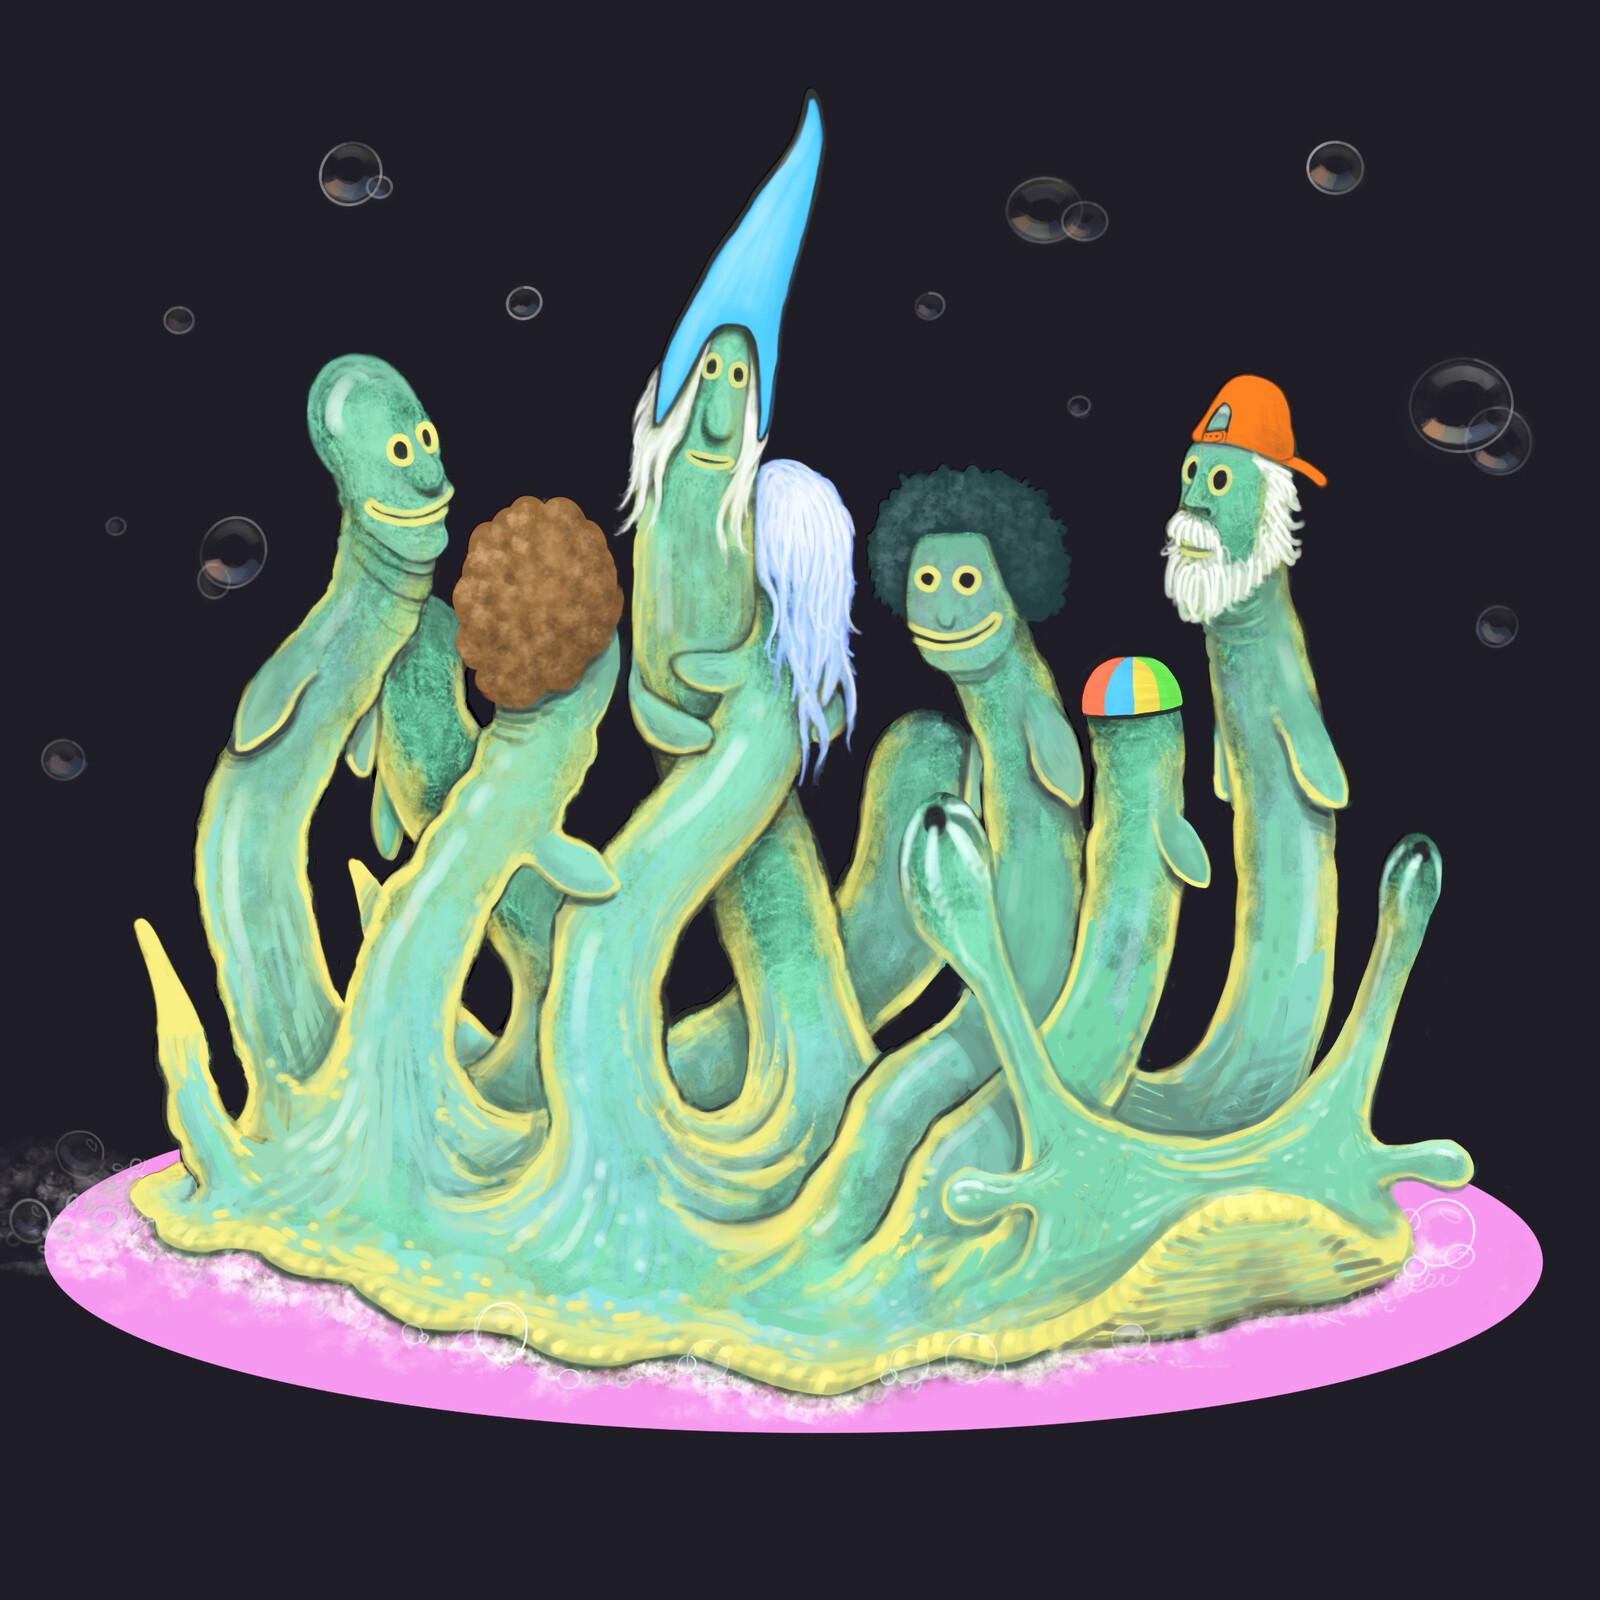 The Hug Slug